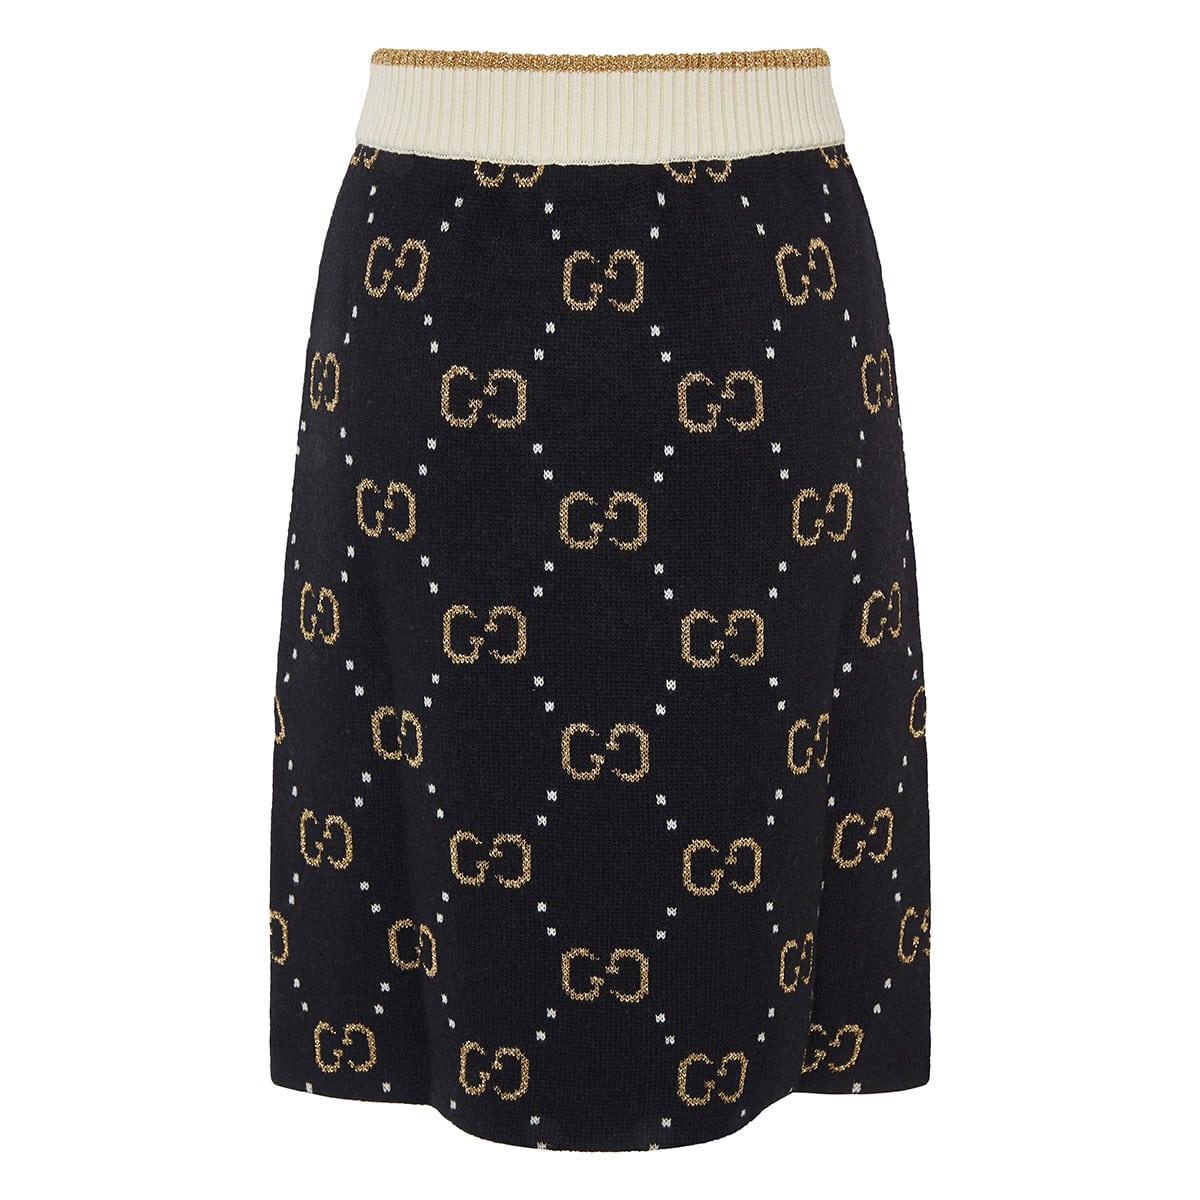 GG jacquard knitted skirt